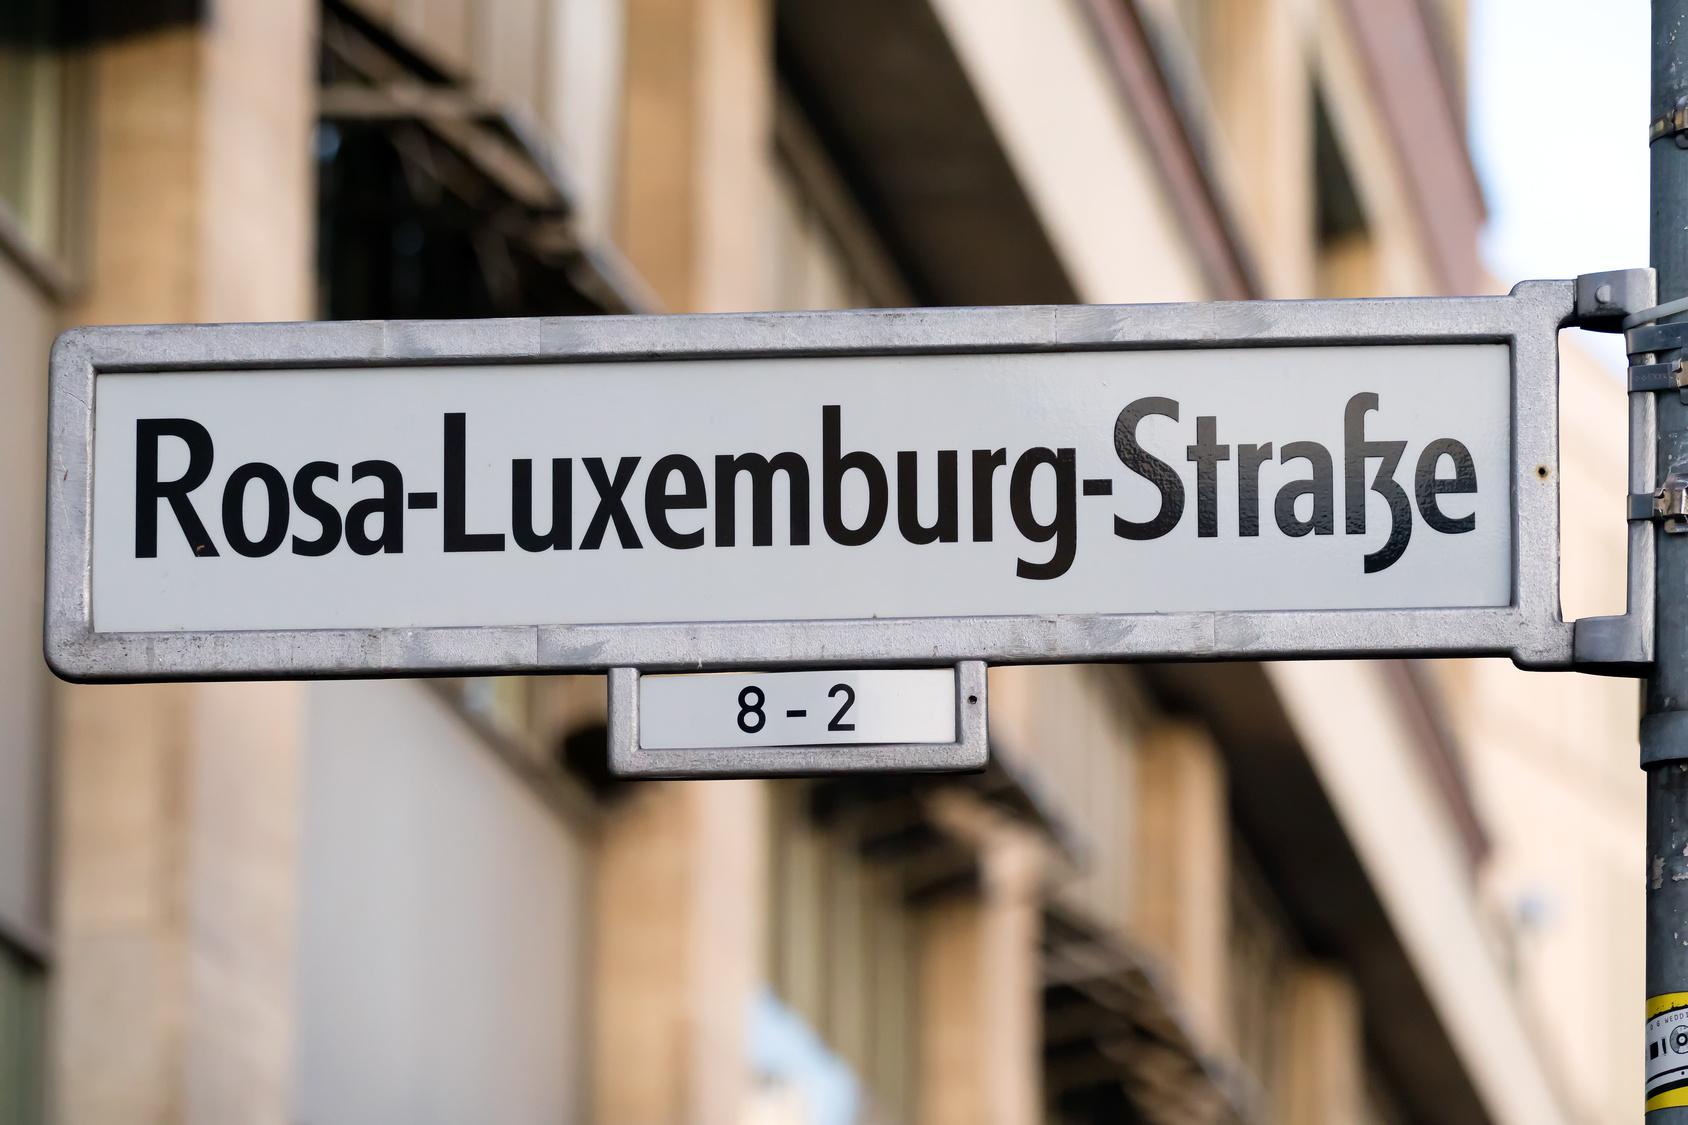 Straßen umbenennen - Straßennamen